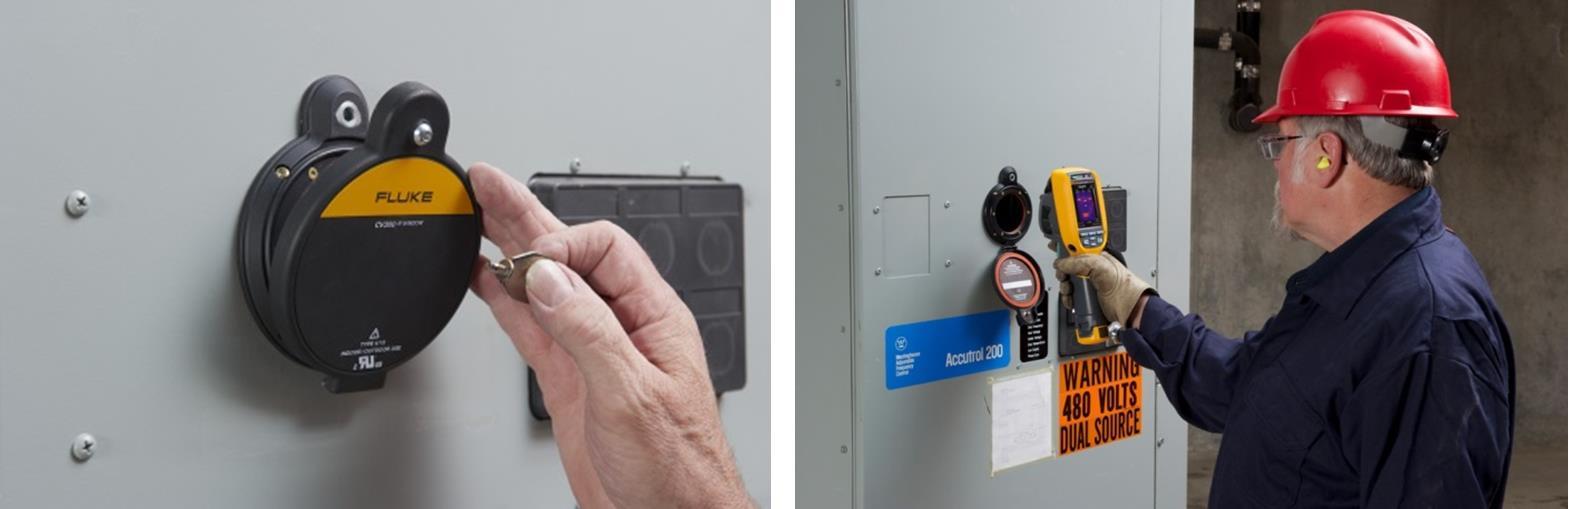 Инфракрасные (ИК) окна – новый уровень тепловизионного обследования высоковольтного оборудования и безопасность персонала